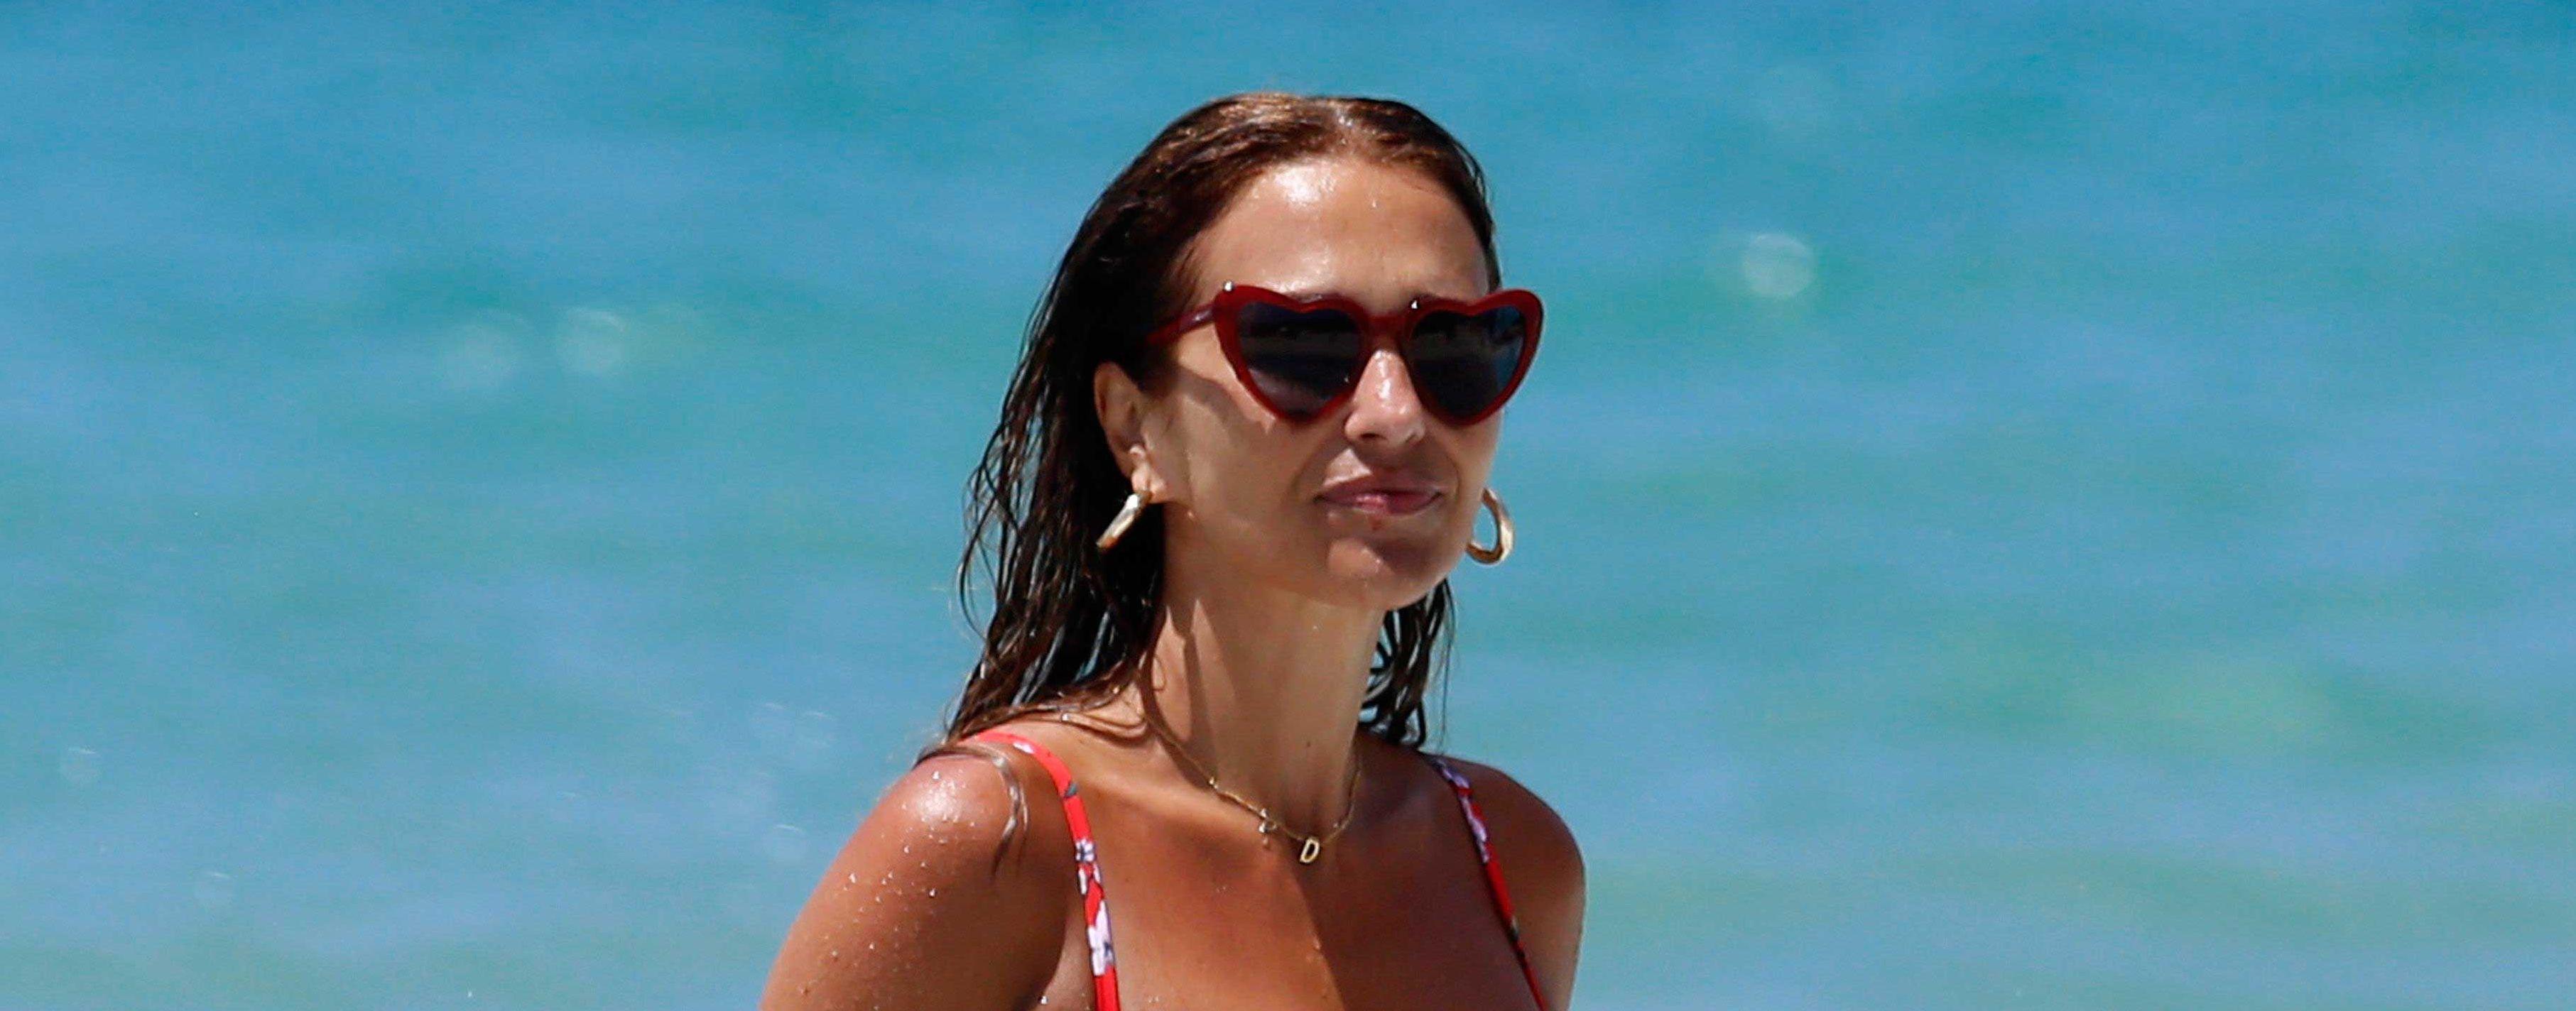 Paula Echevarría y su bikini animal print en Italia de vacaciones